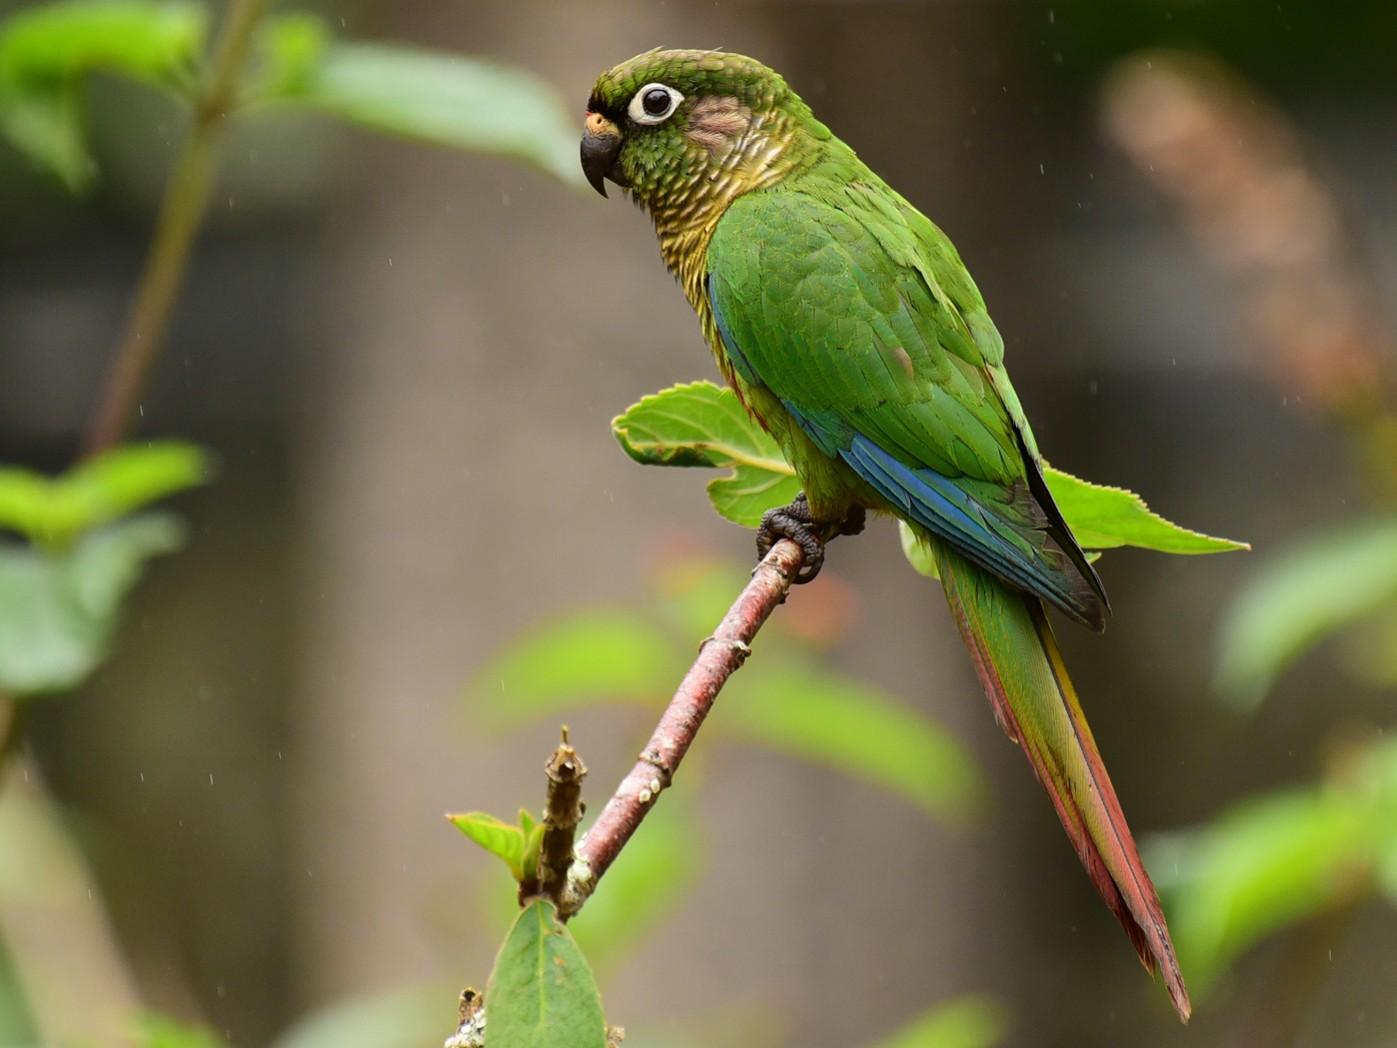 Maroon-bellied Parakeet - Luiz Moschini